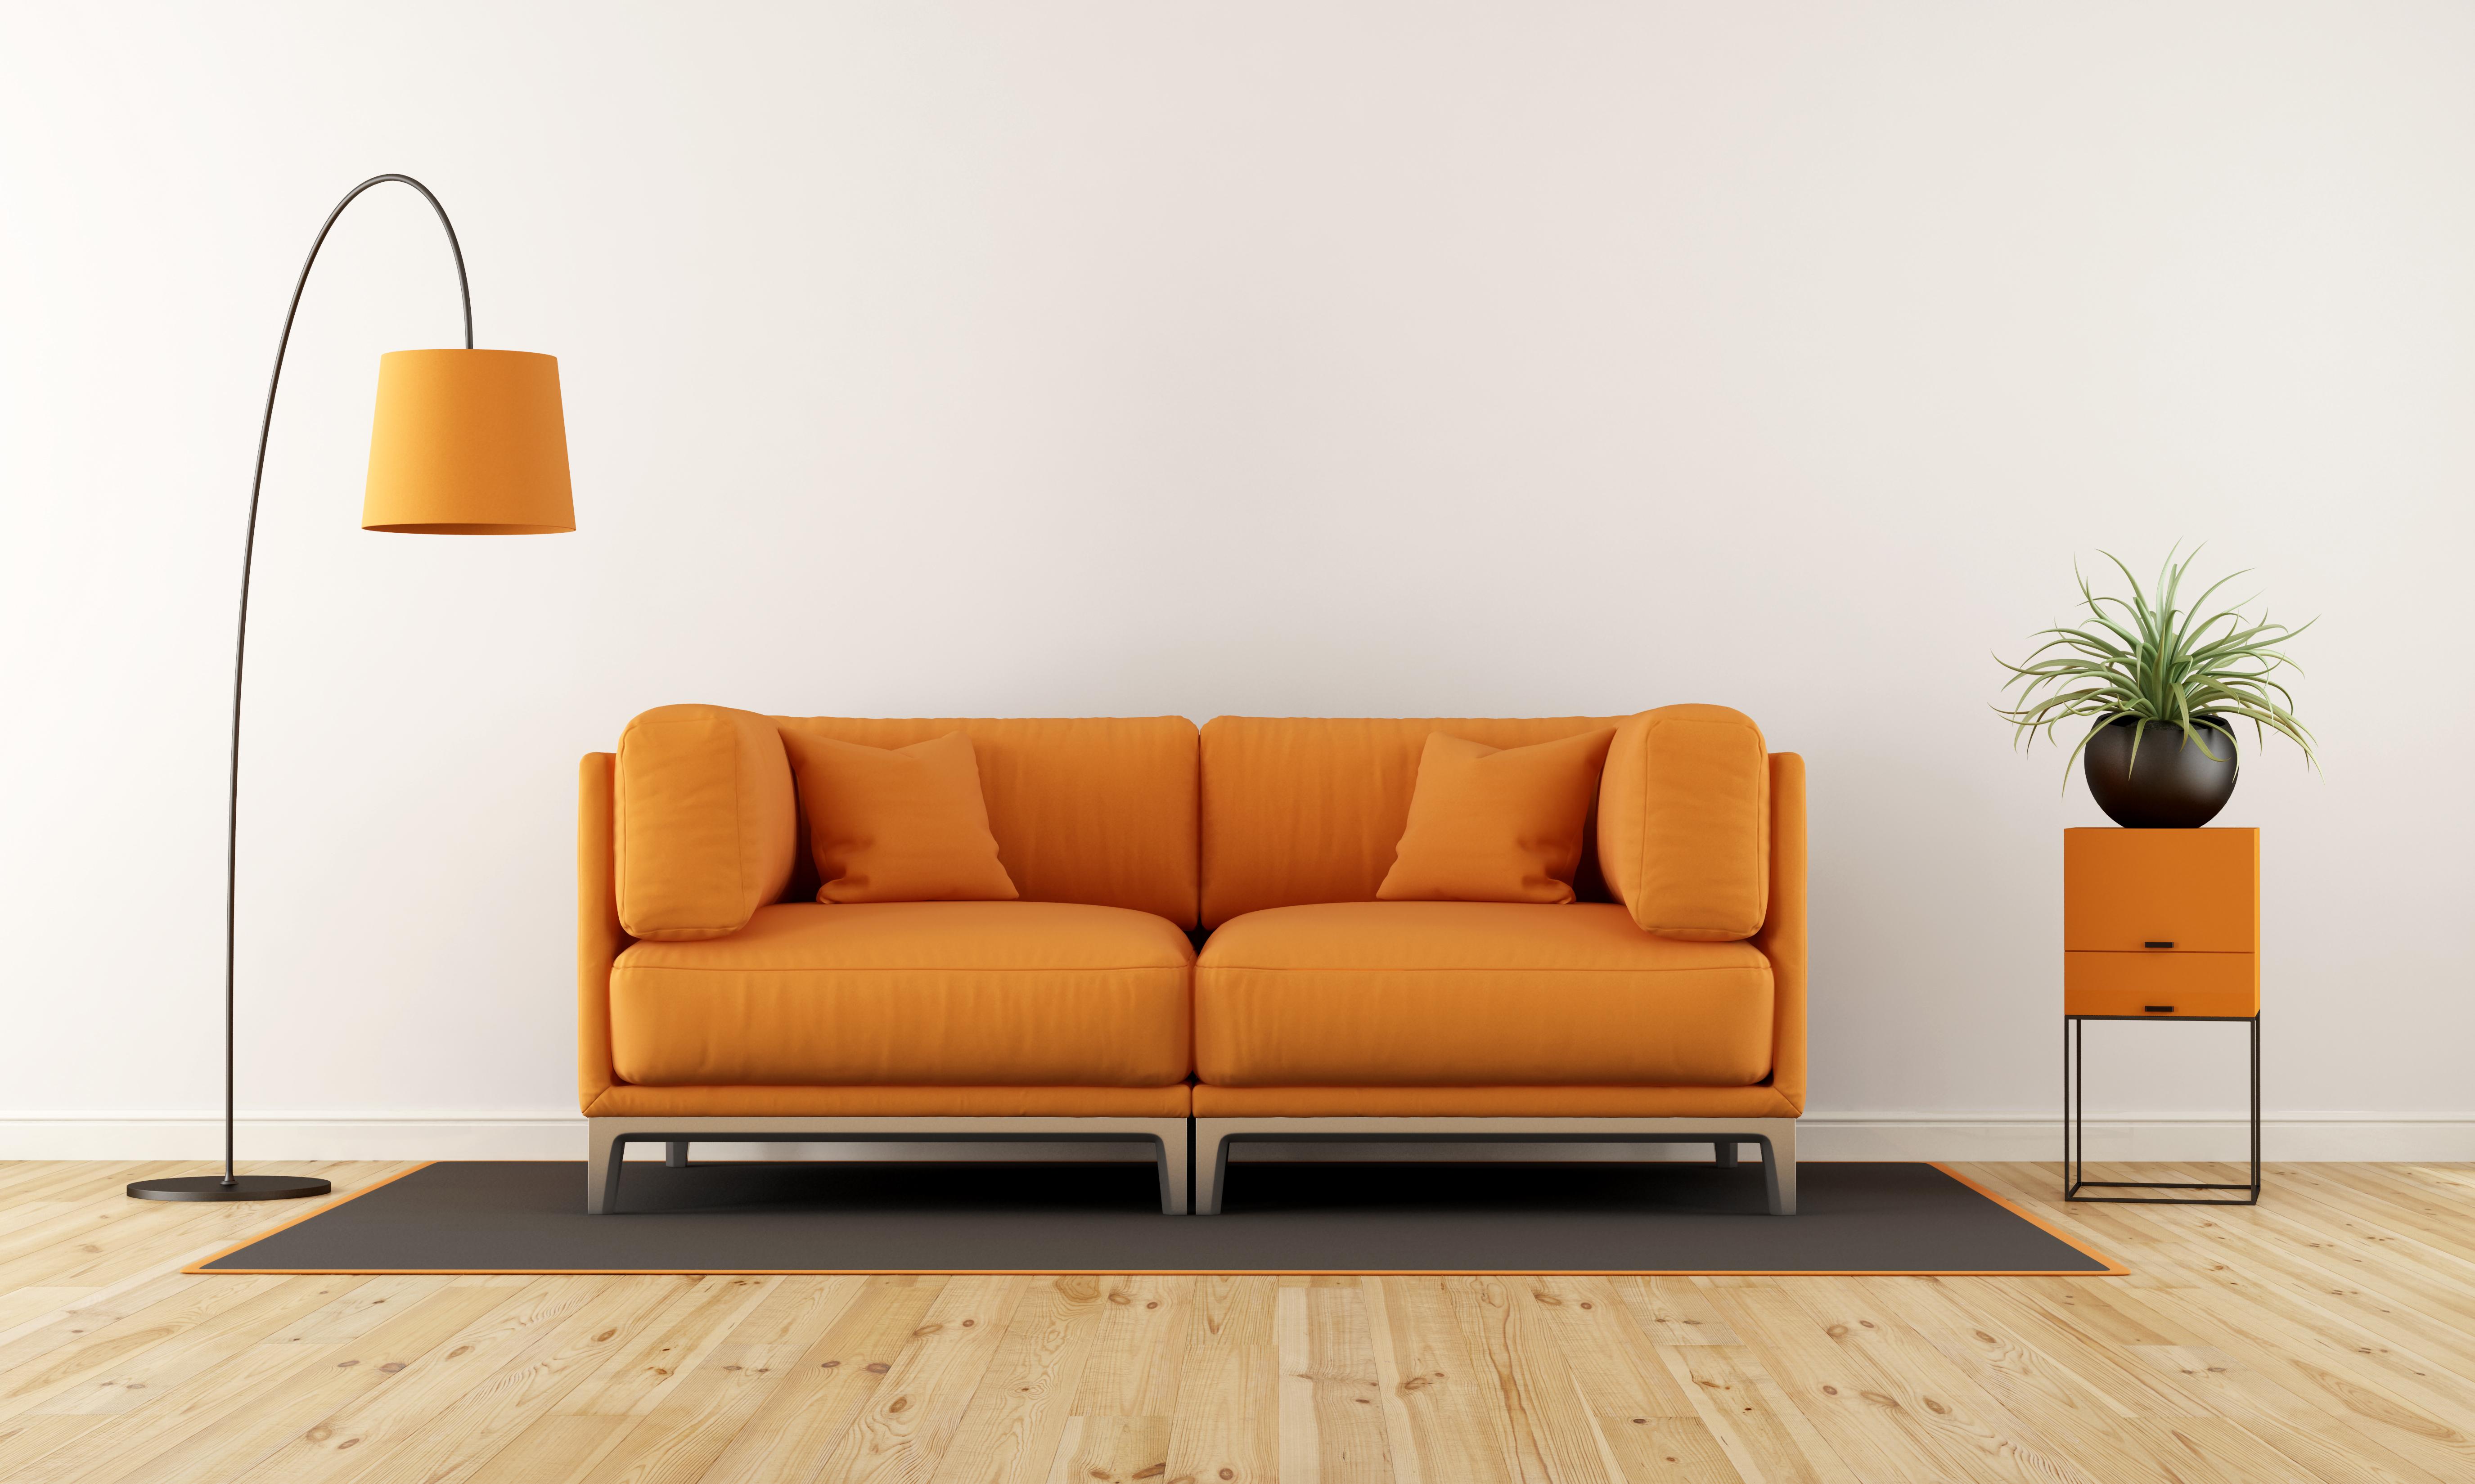 How to Build a Sofa